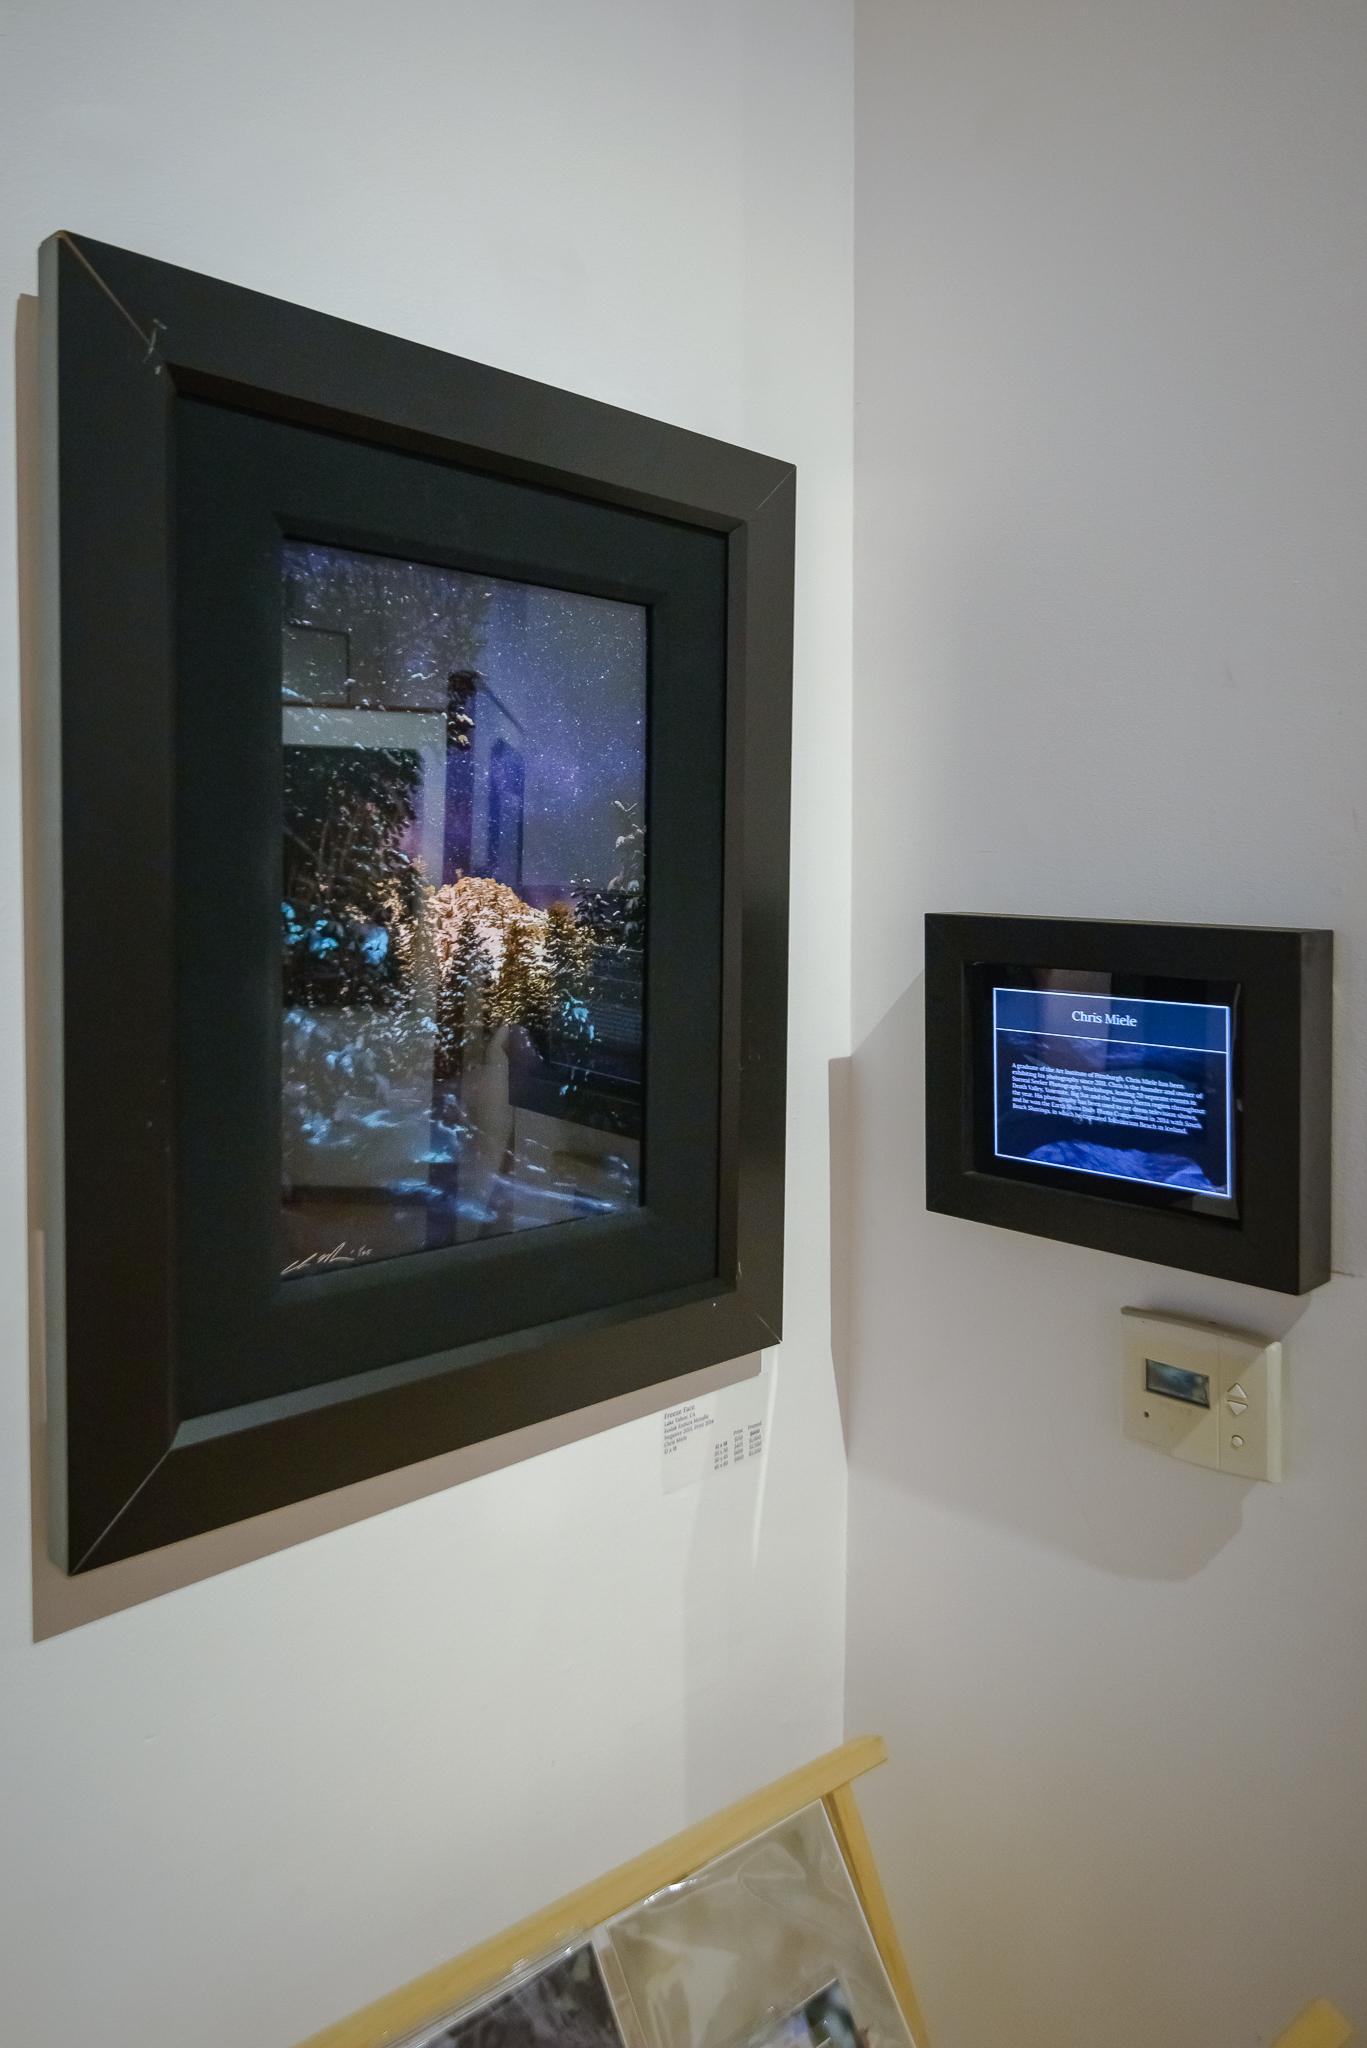 g2_gallery_emerging_exhibit3.jpg